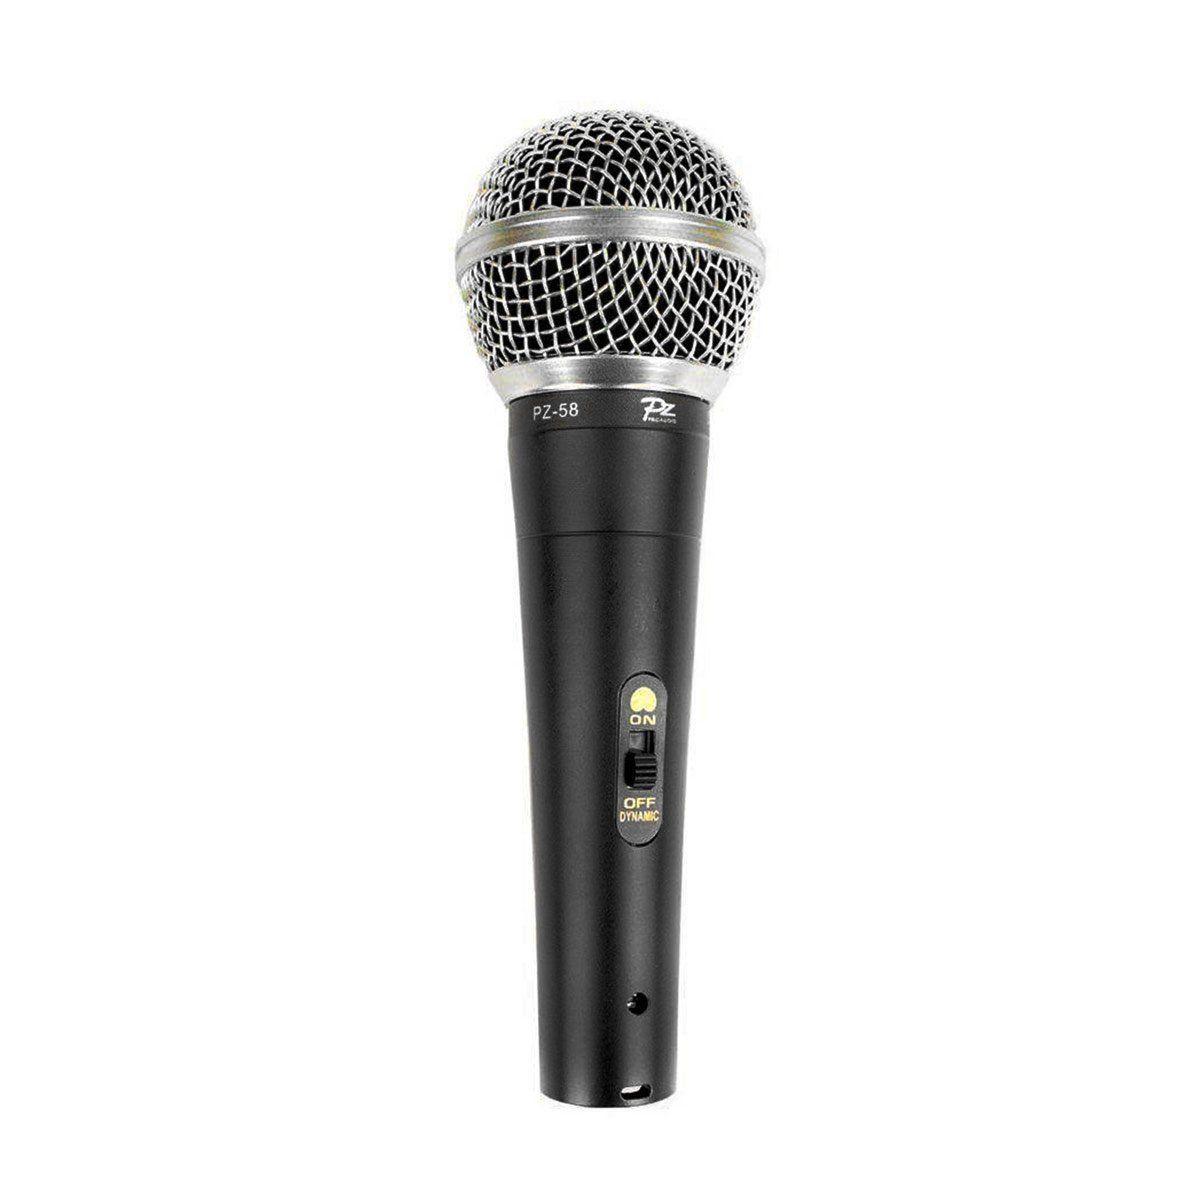 Microfone com fio de Mão Voxtron By PZ VOX PZ 58 Dinamico c/ chave Liga/Desliga